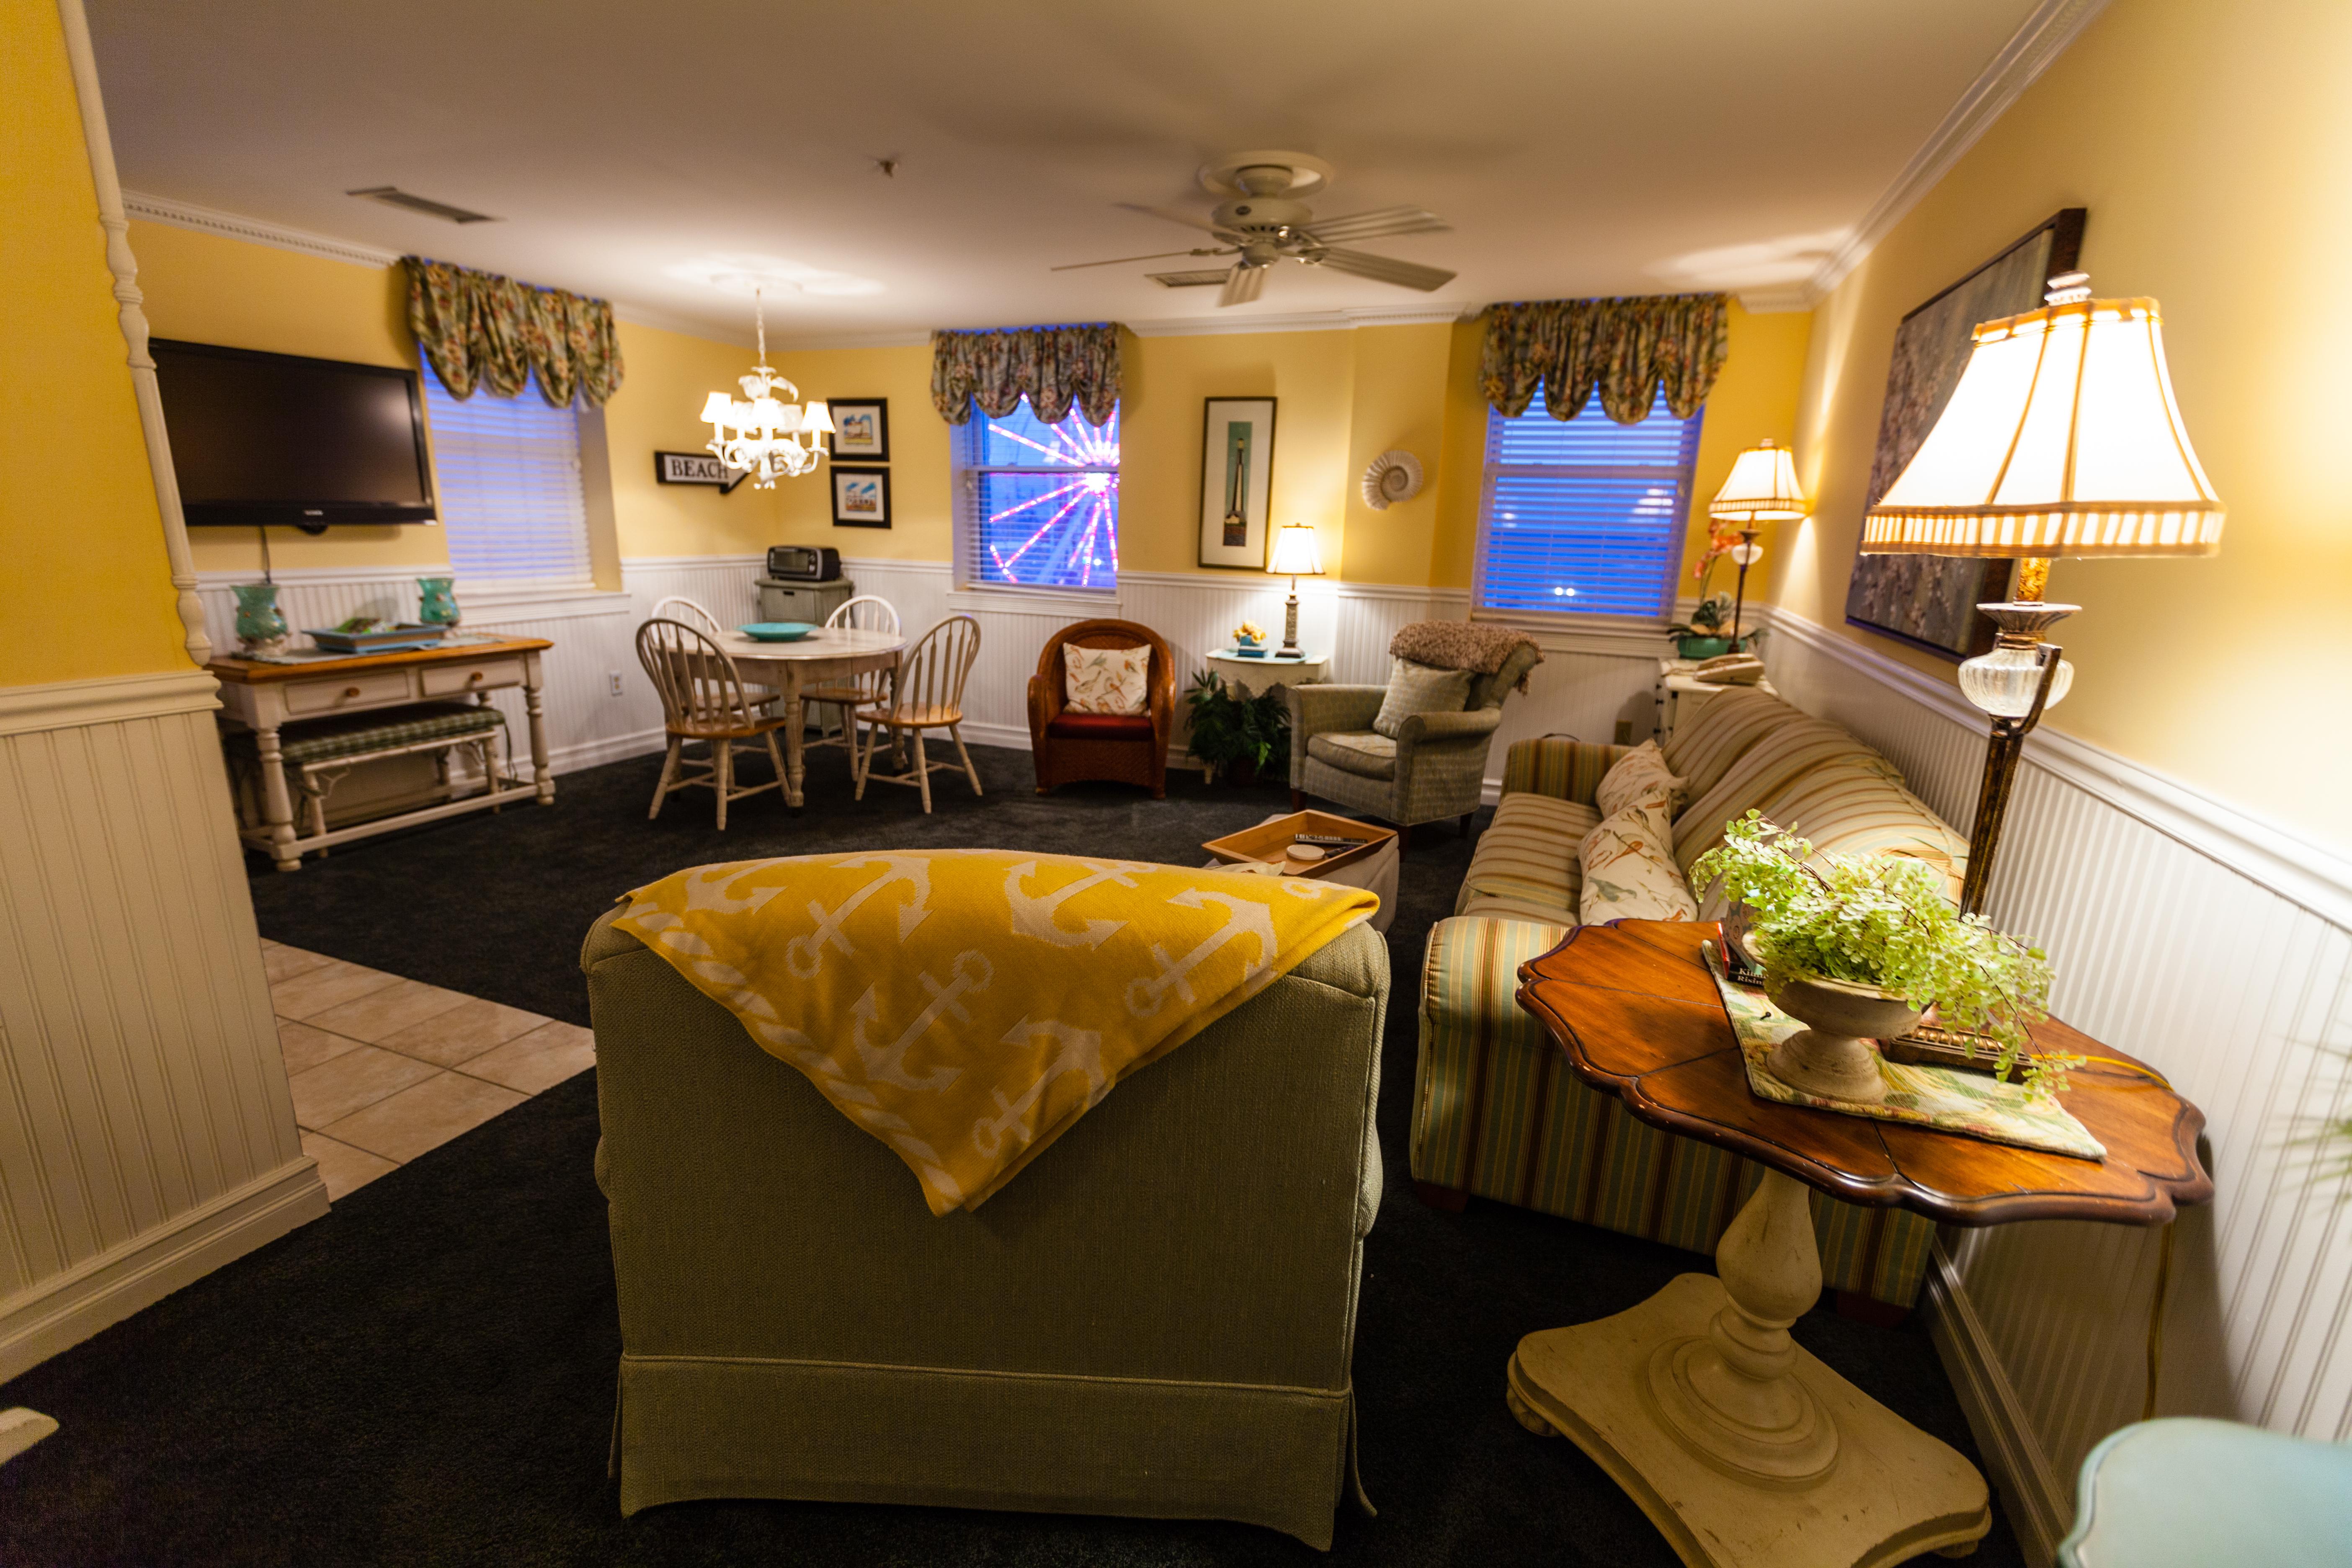 Ocean City 2 Bedroom Suites Luxury Suites On The Beach The Flanders Hotel